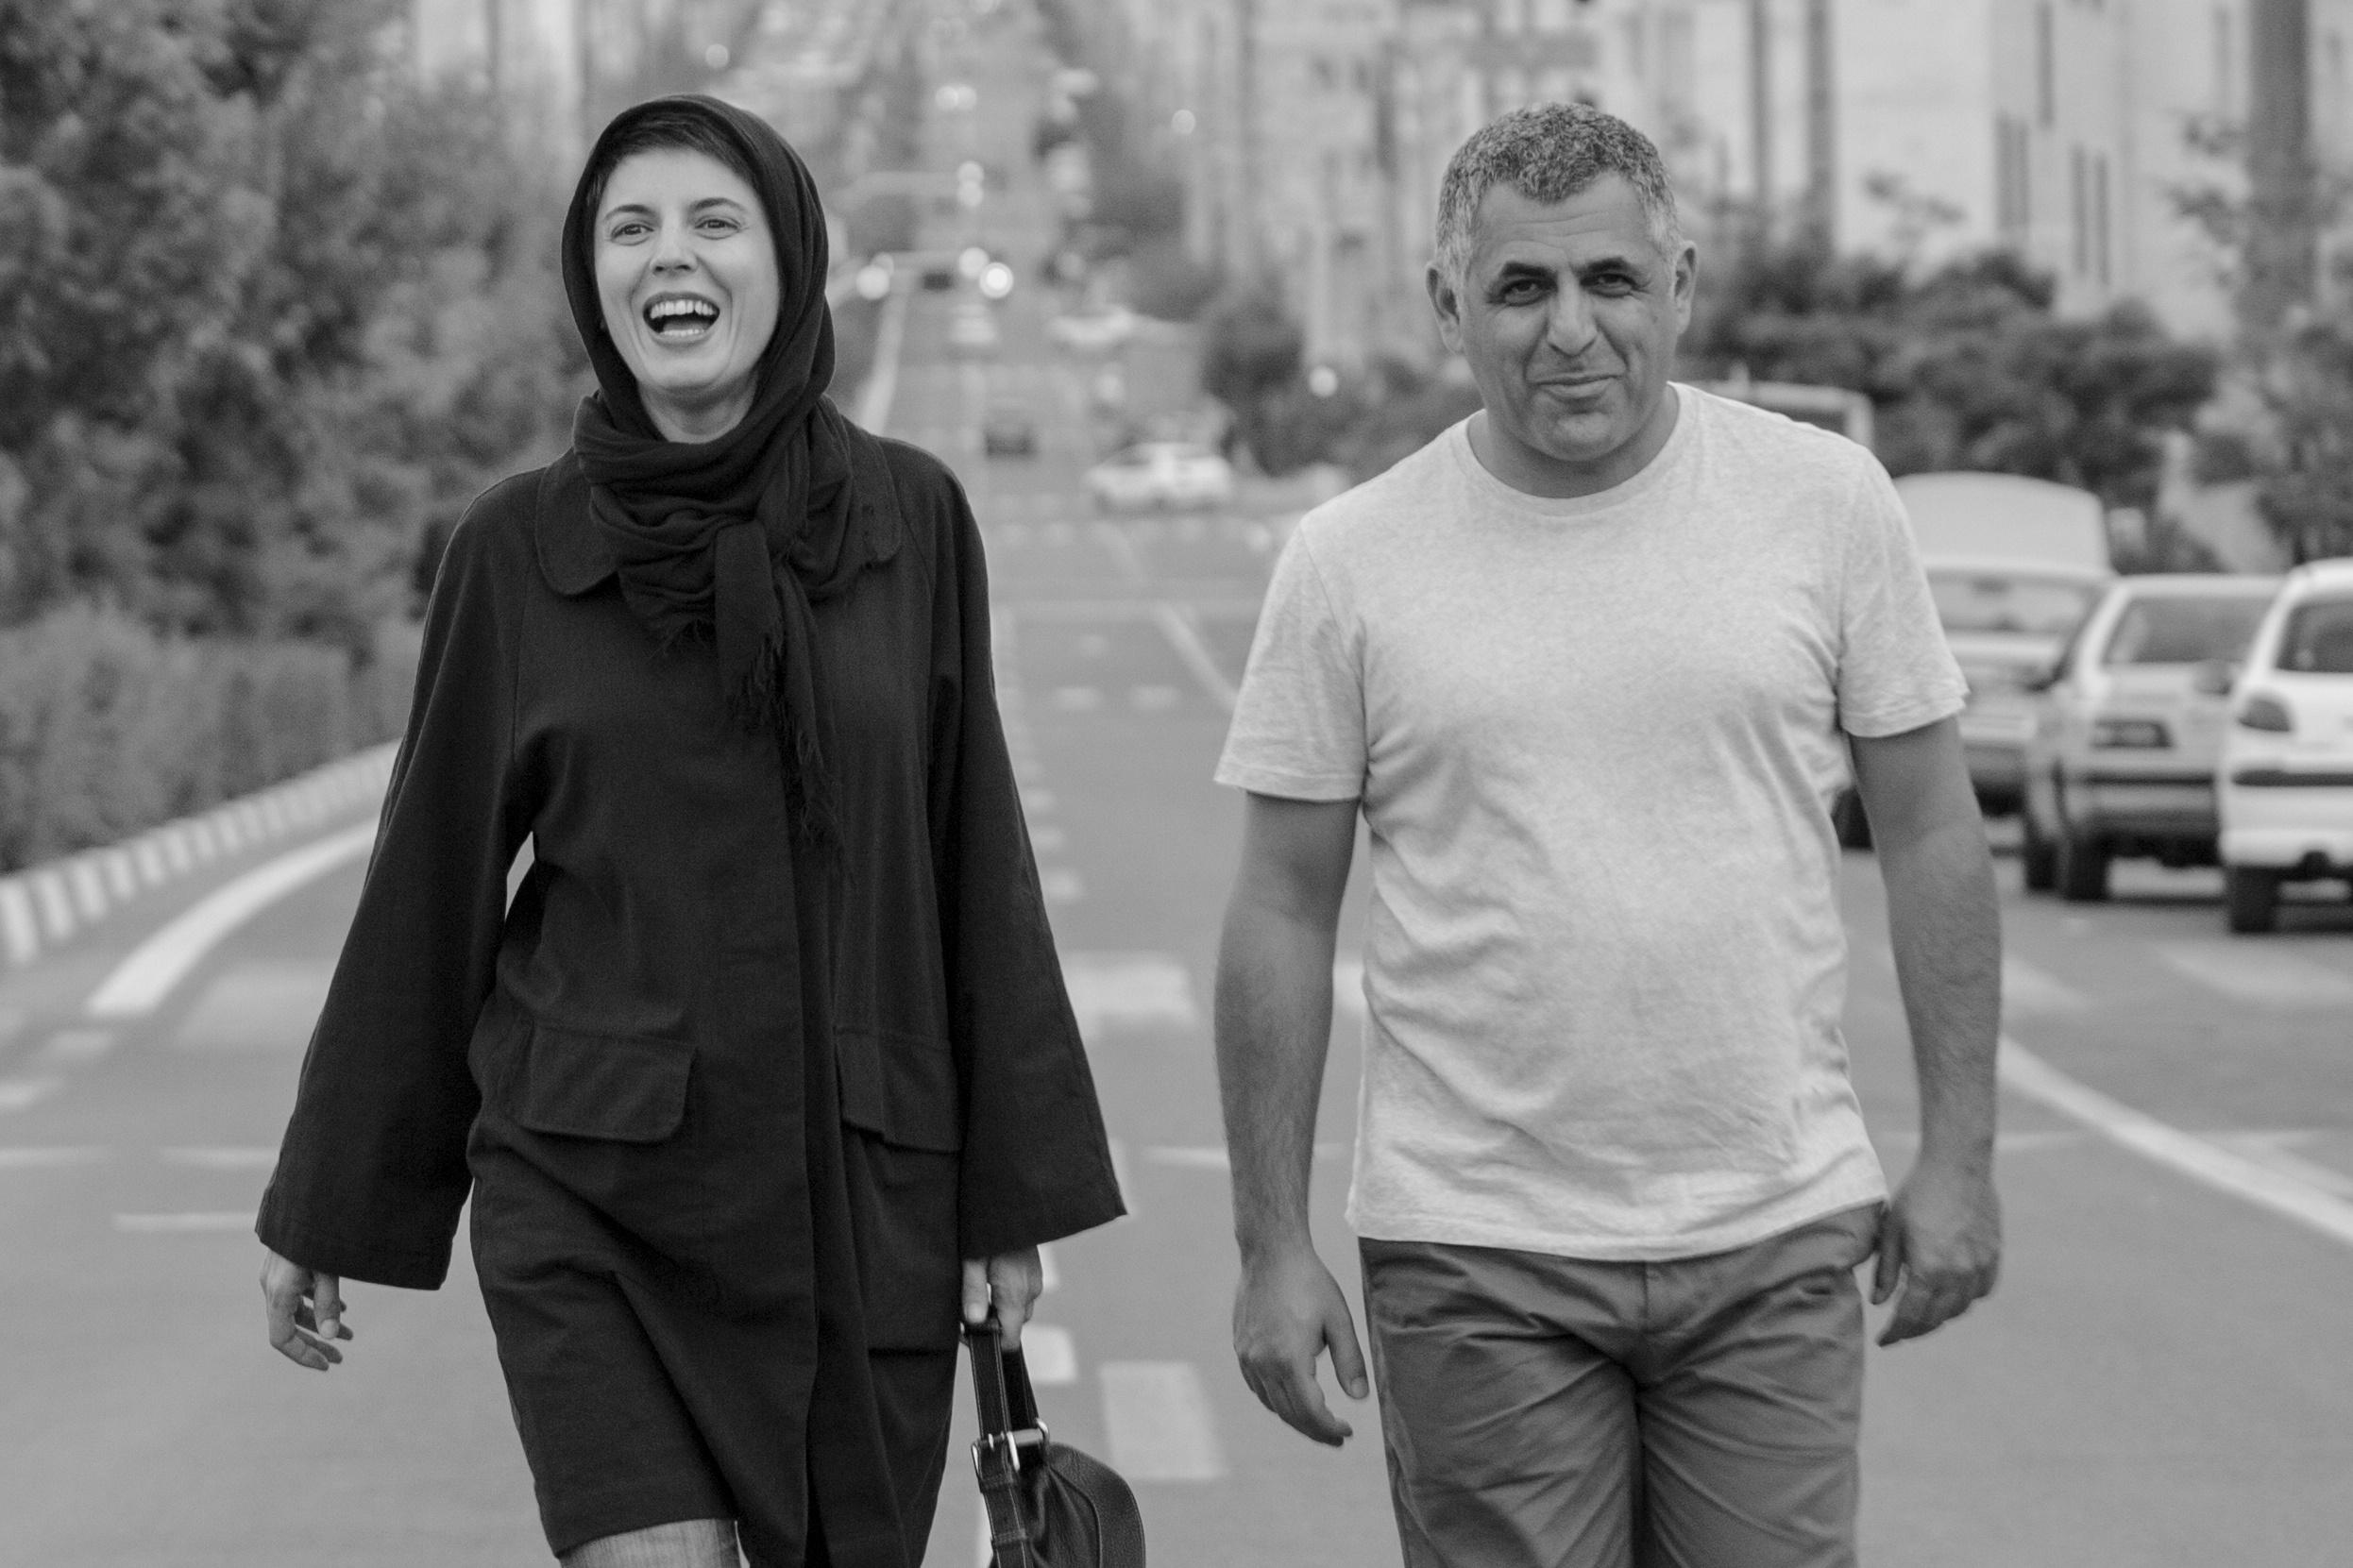 لیلا حاتمی به فیلم «خوک» مانی حقیقی پیوست